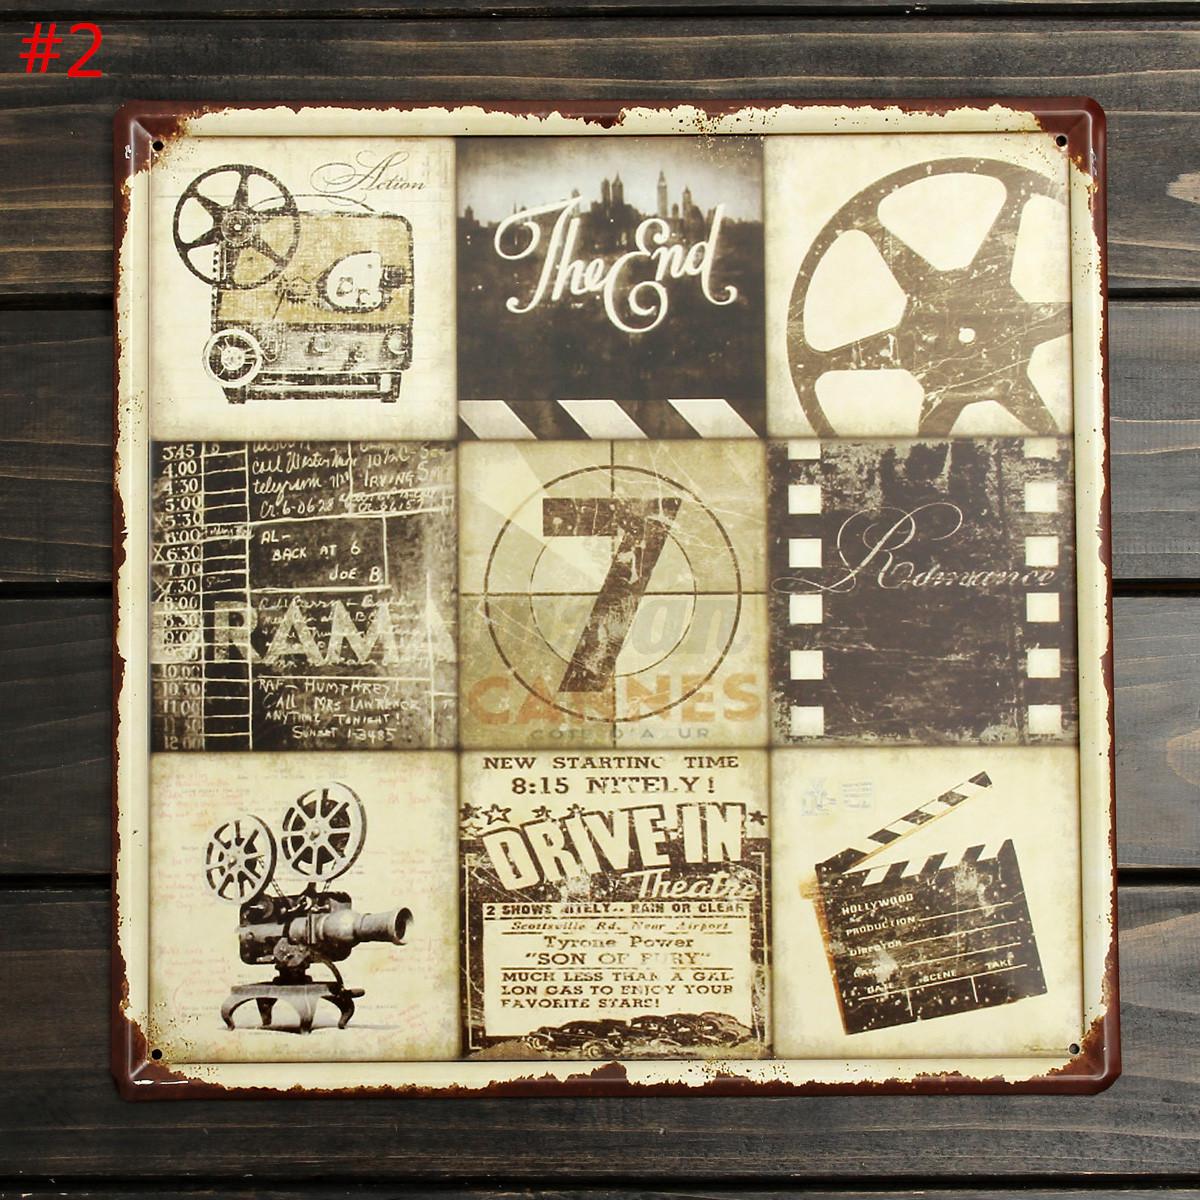 30x30cm vintage plaque metal affiche mural publicitaire bar caf pub maison deco - Plaque publicitaire vintage ...